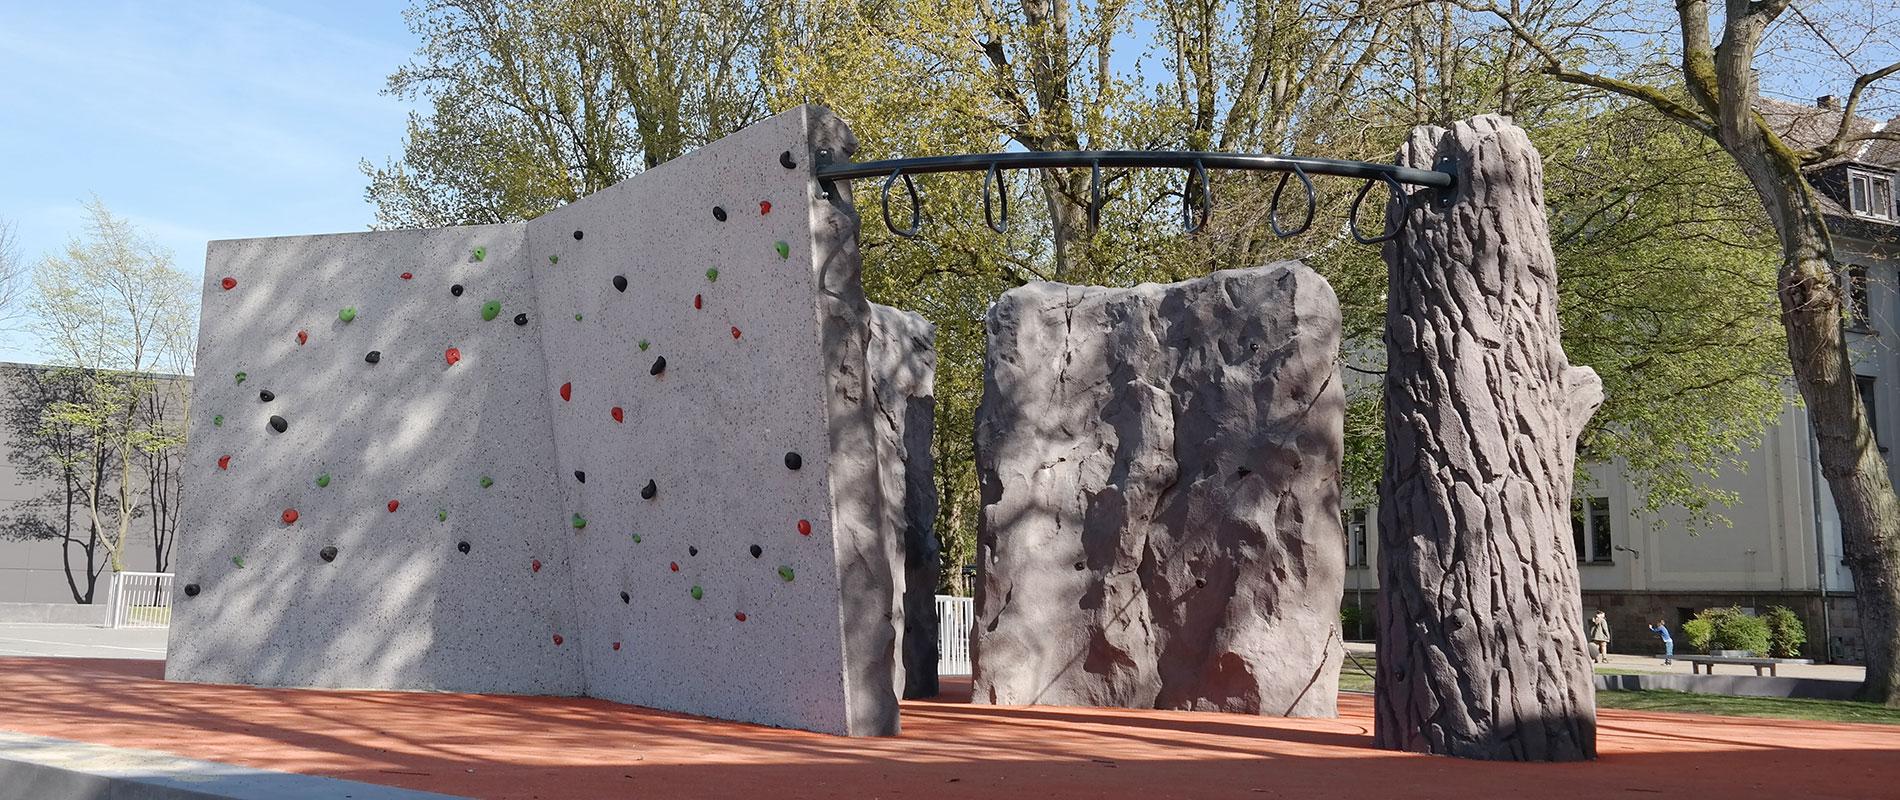 X-Move Kletteranlagen, Kletterfelsen, Boulderfelsen, Sportklettern Dortmund - Planung und Umsetzung